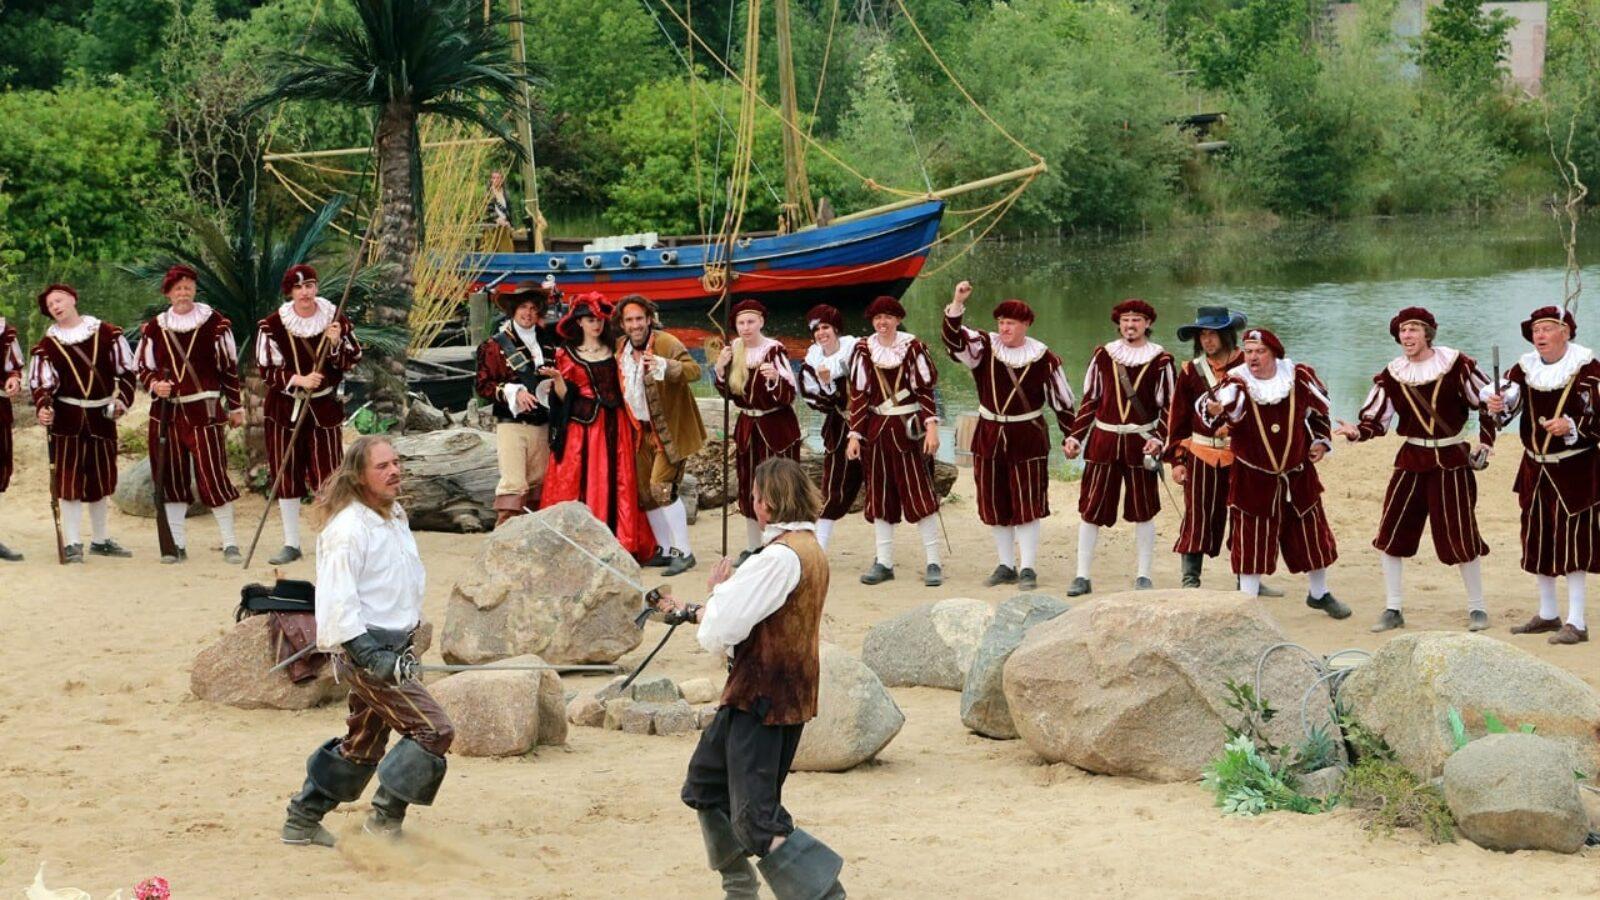 Piraten Action OpenAir Theater: Flaute